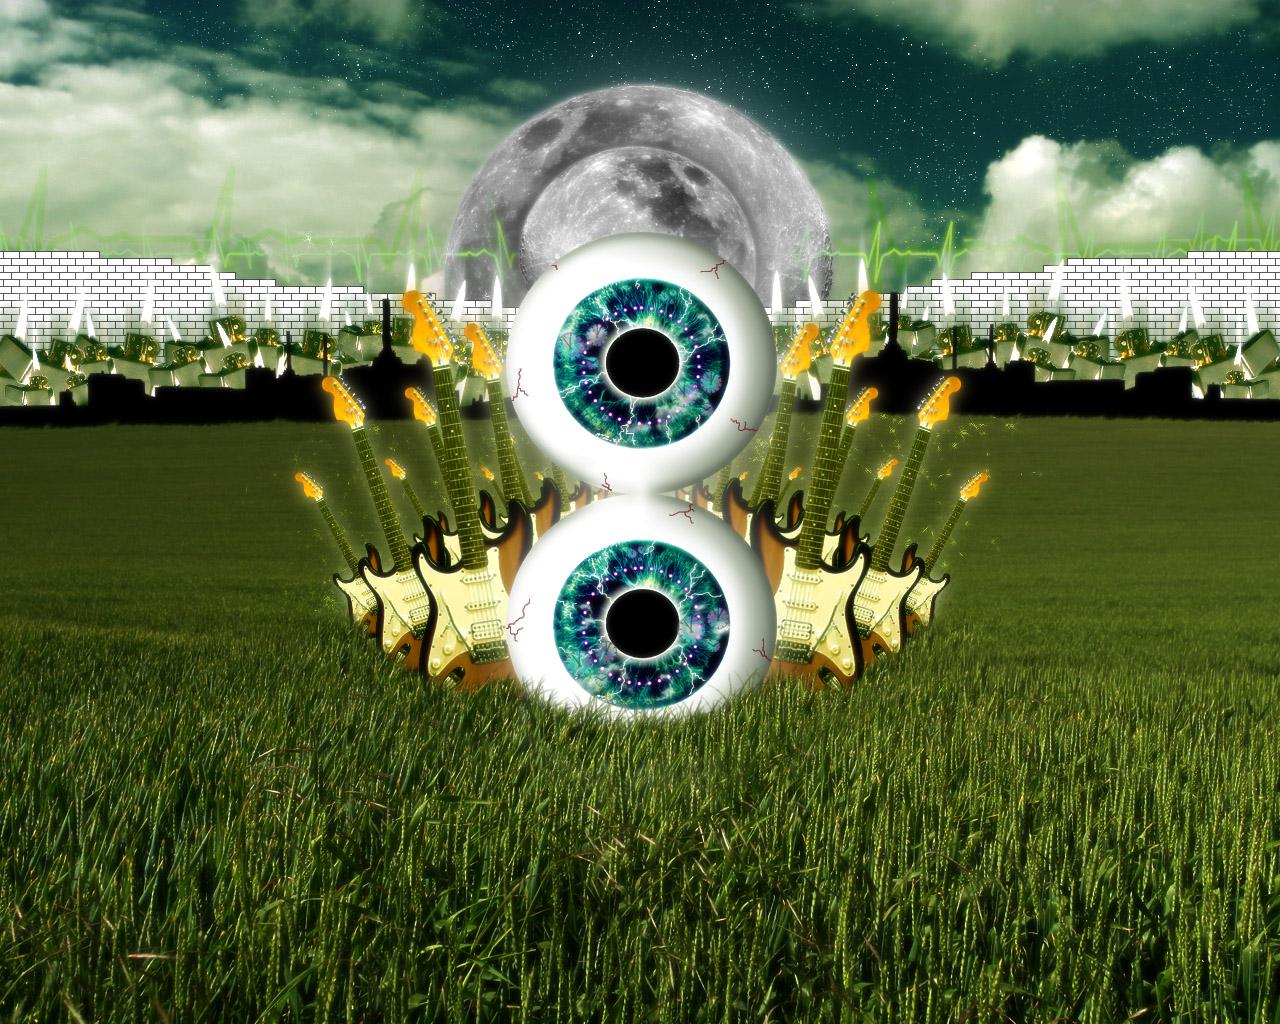 Pink Floyd Animals Socialphy 567467 Wallpaper wallpaper